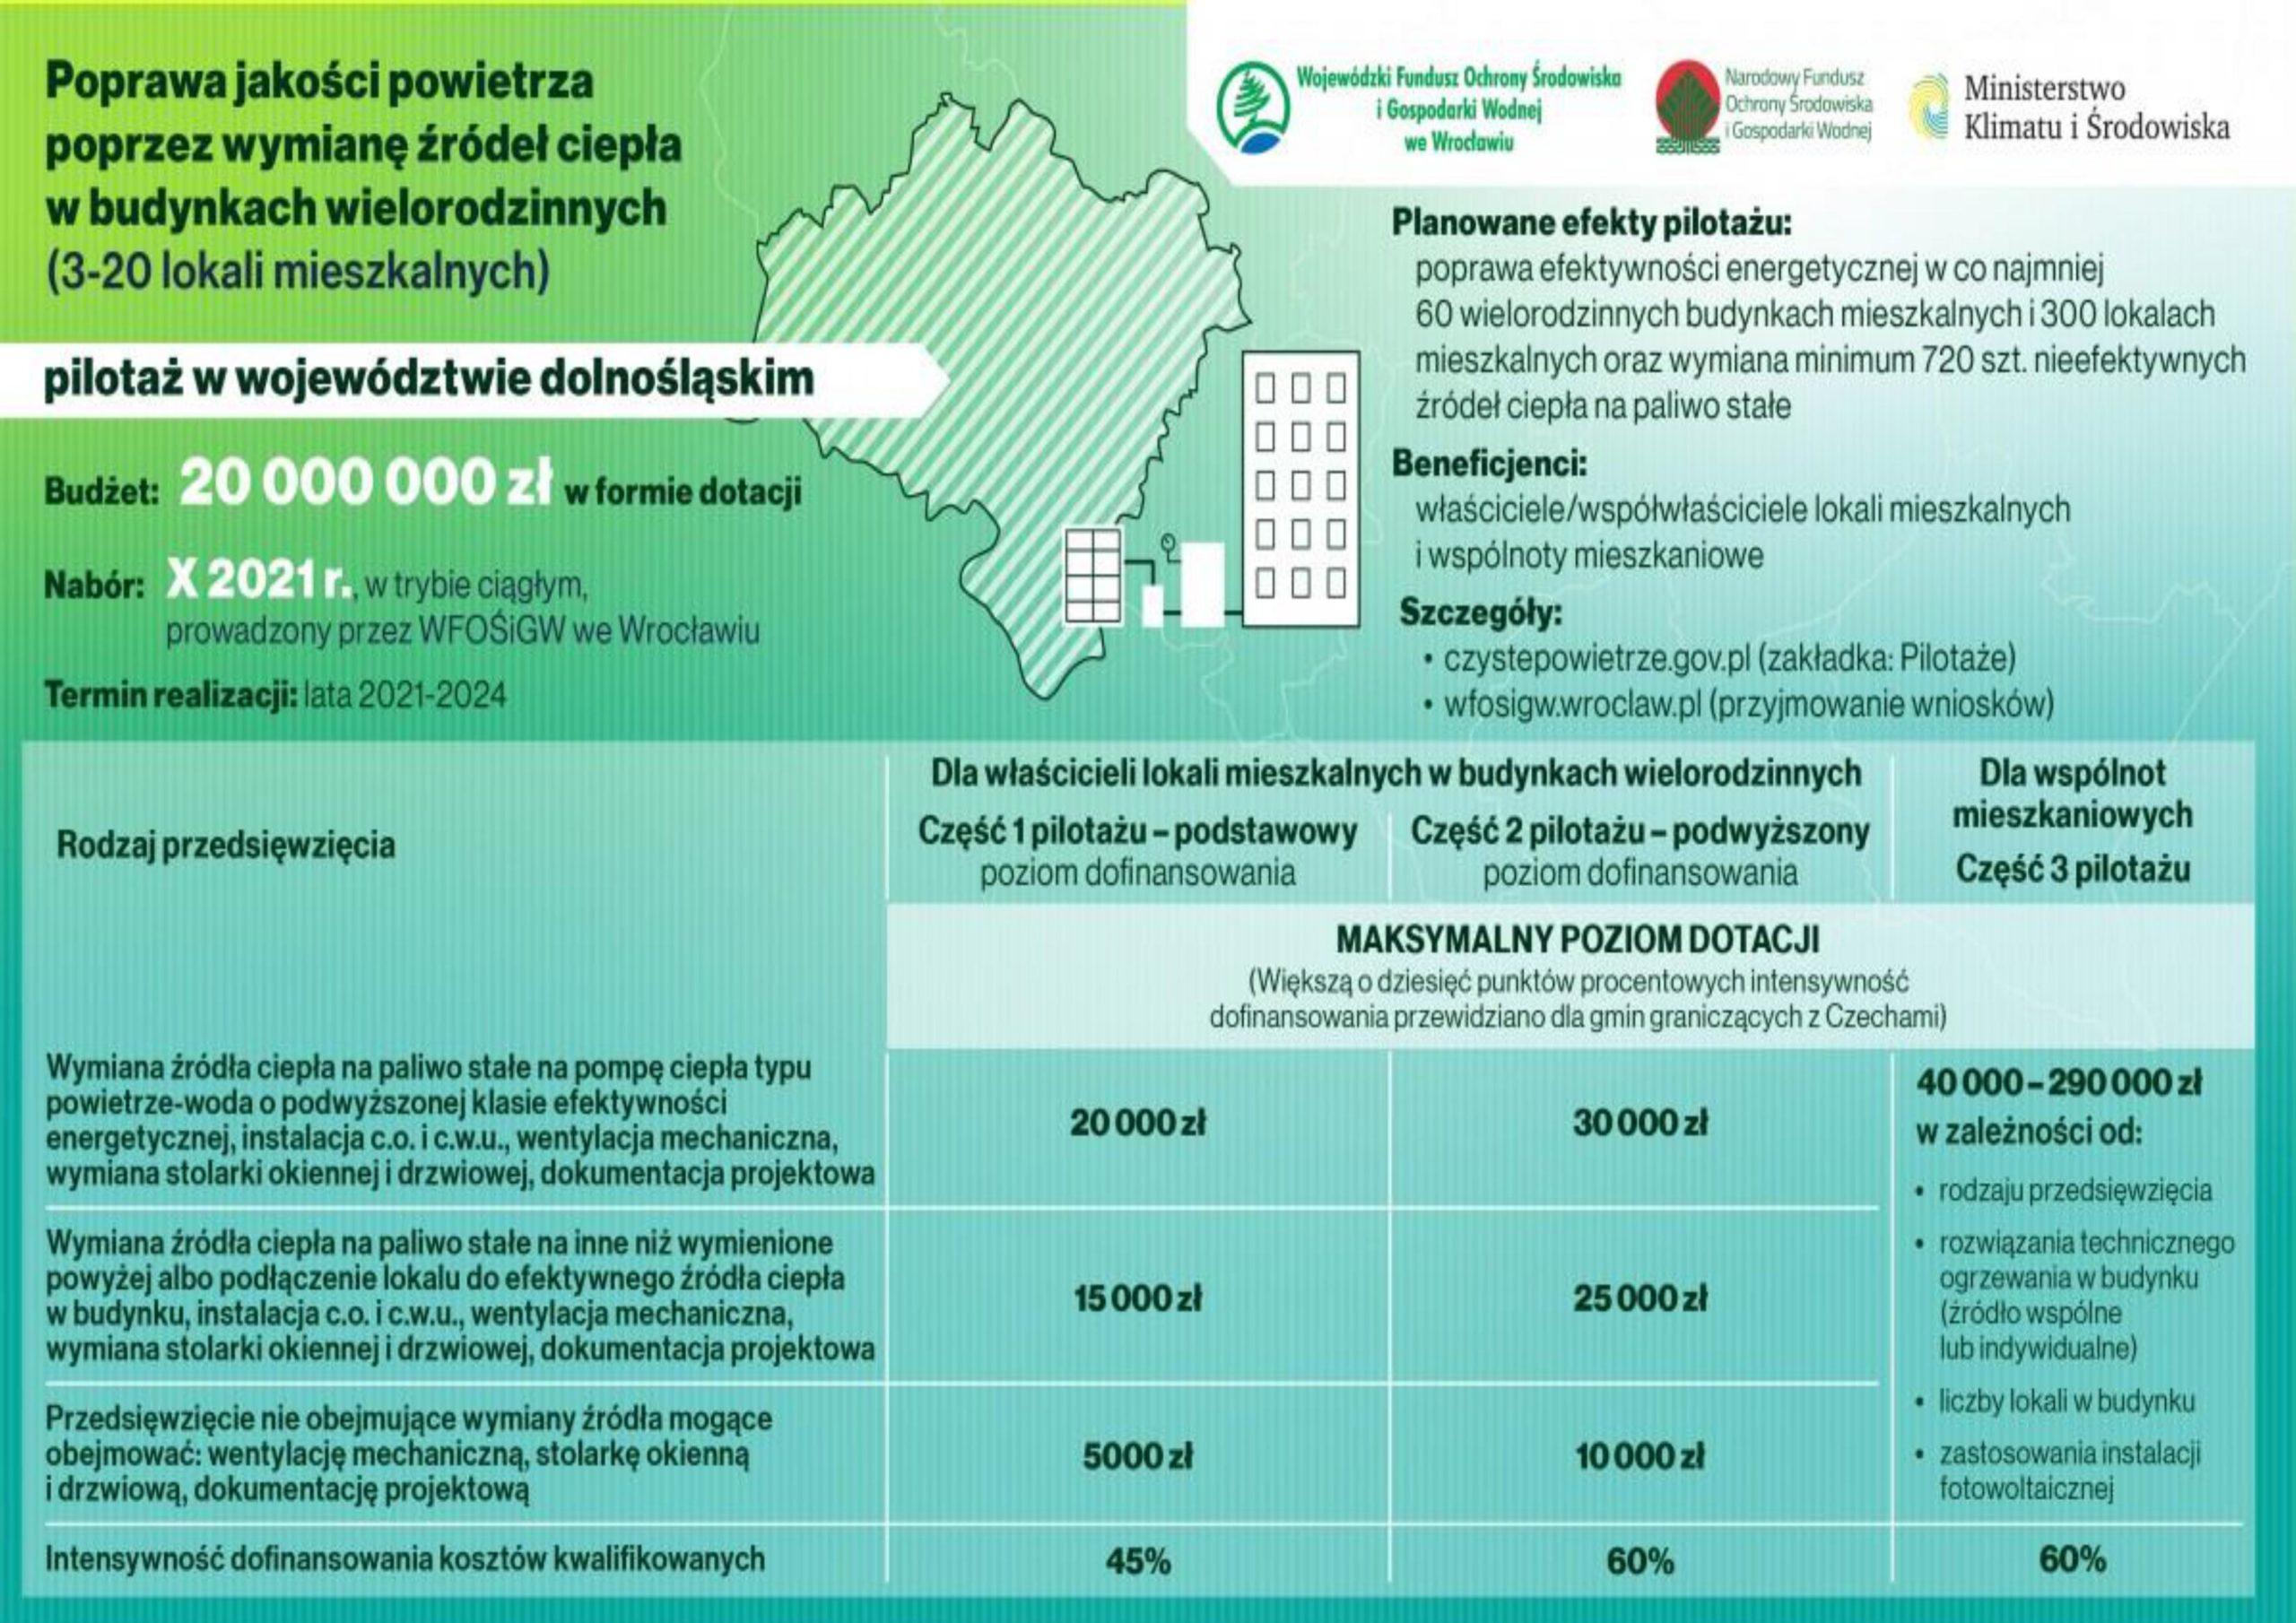 Dotacje na wymianę tzw. kopciuchów w budynkach wielorodzinnych na Dolnym Śląsku mają ruszyć w IV kwartale br.